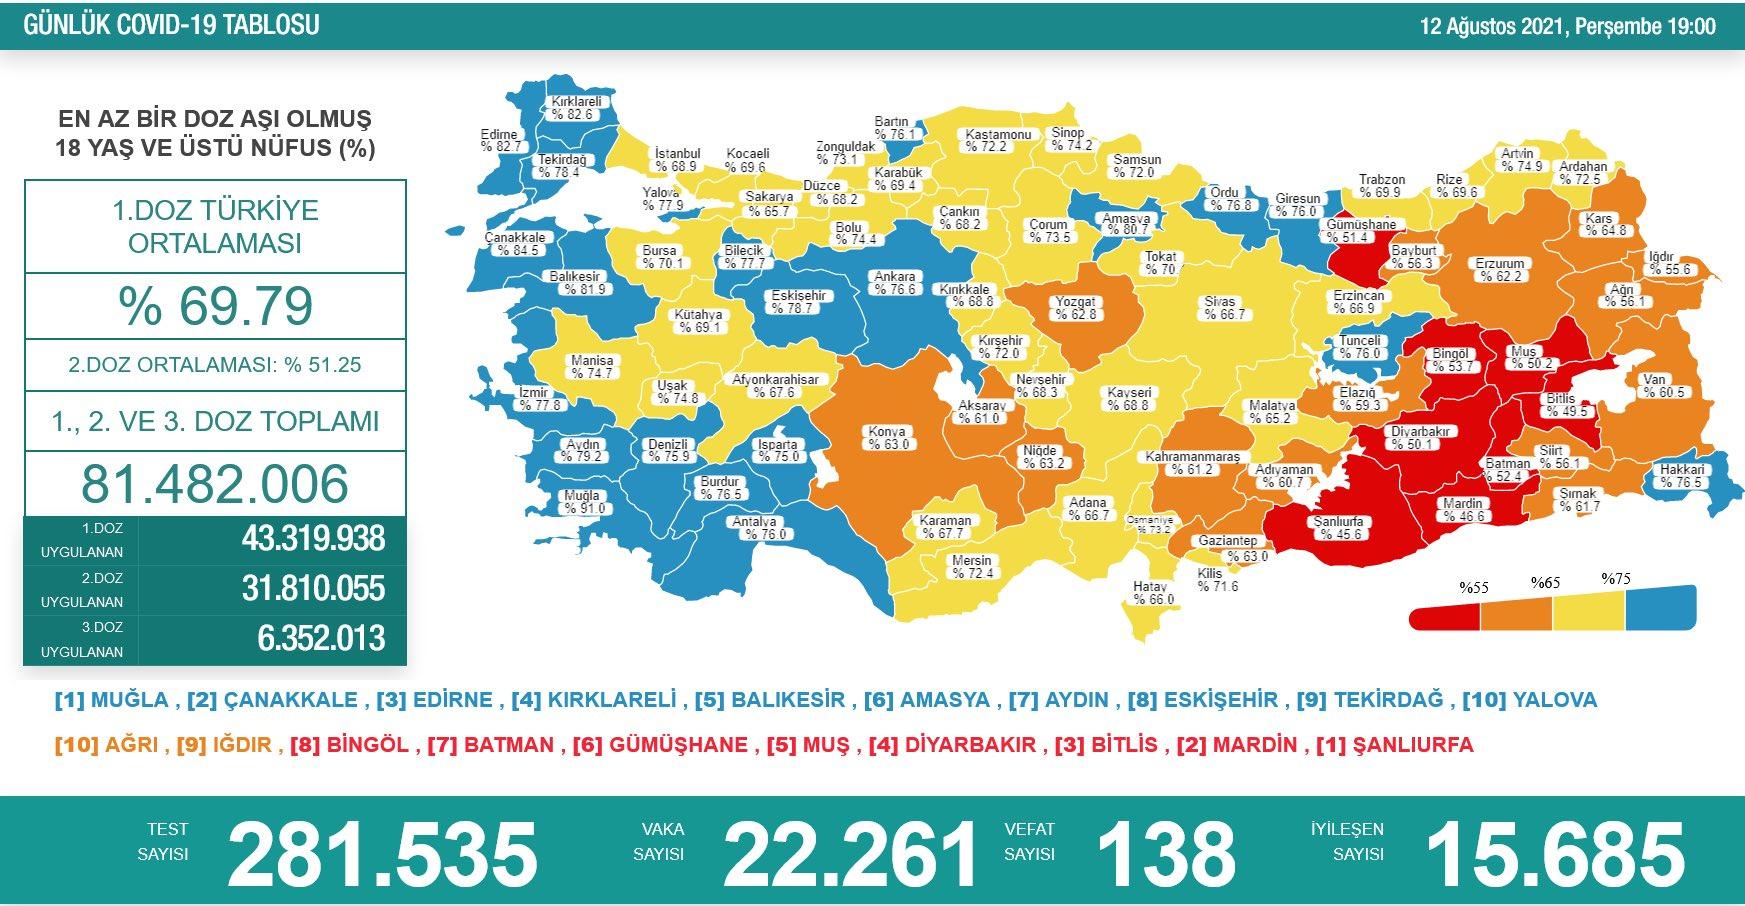 12 Ağustos 2021 Türkiye Koronavirüs Tablosu Açıkladı